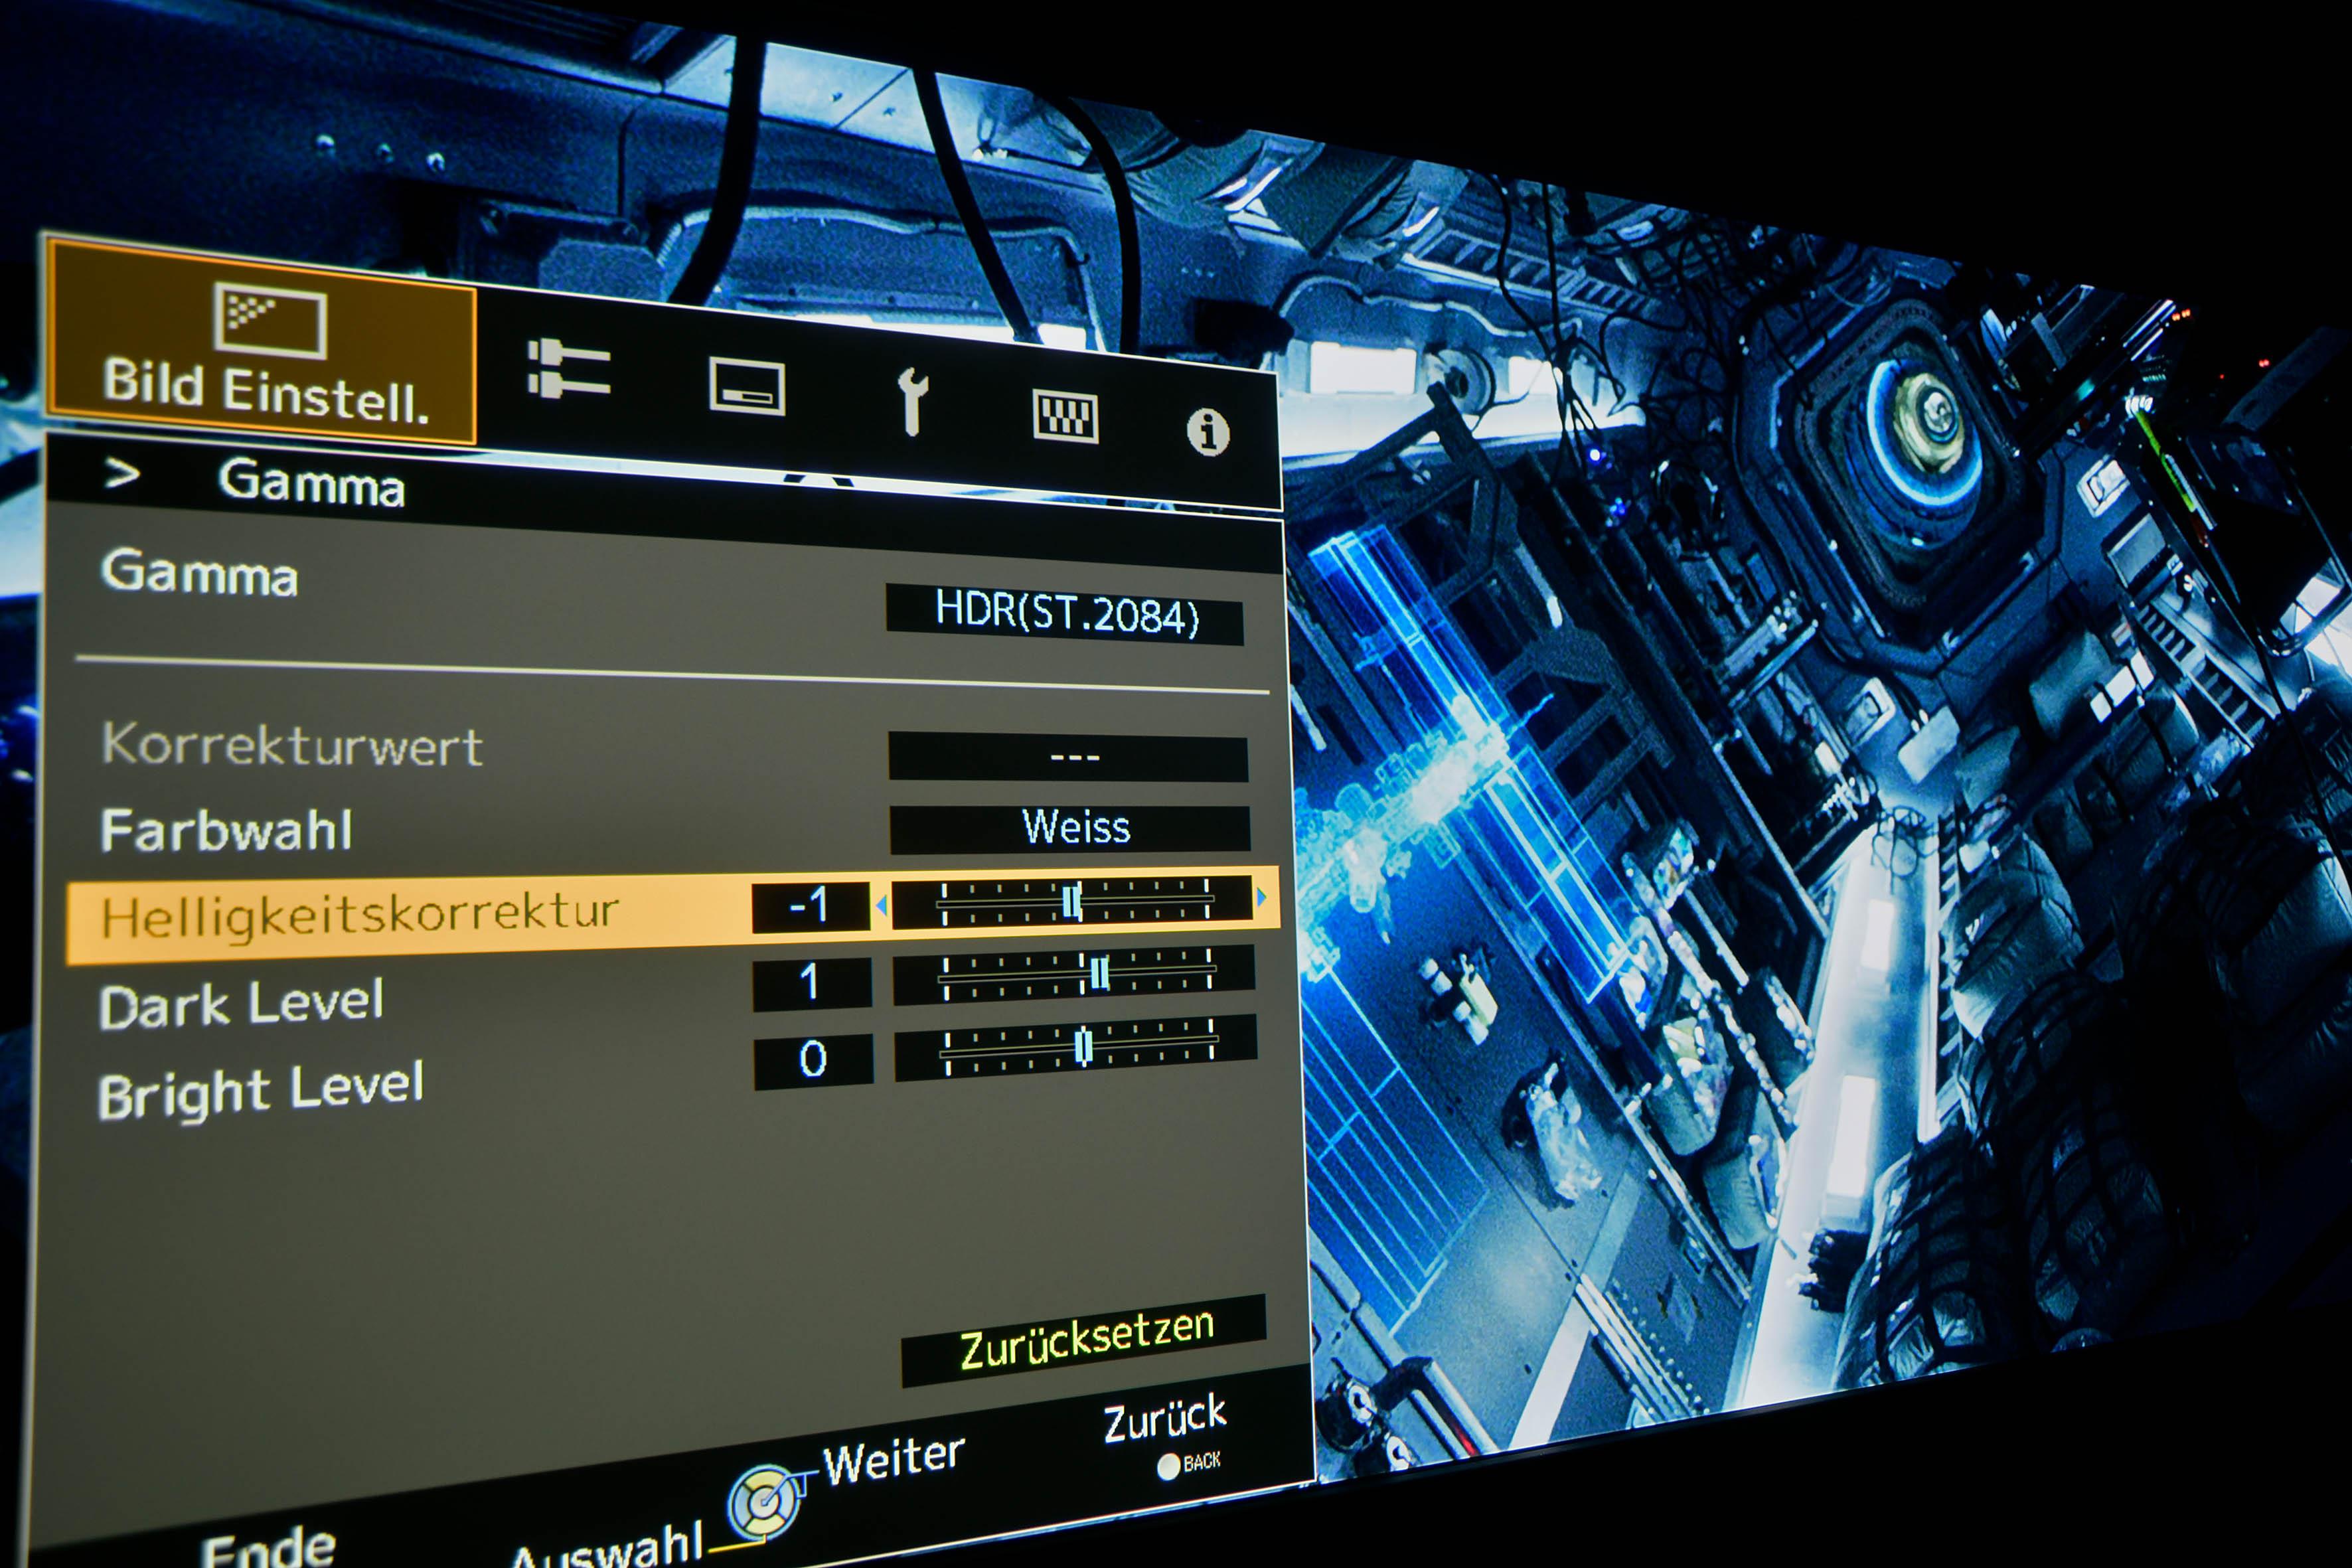 JVC DLA-X7900 – In der Idealeinstellung werden alle Bildinhalte dargestellt, die sich auf der Datei des Films von LIFE befinden.